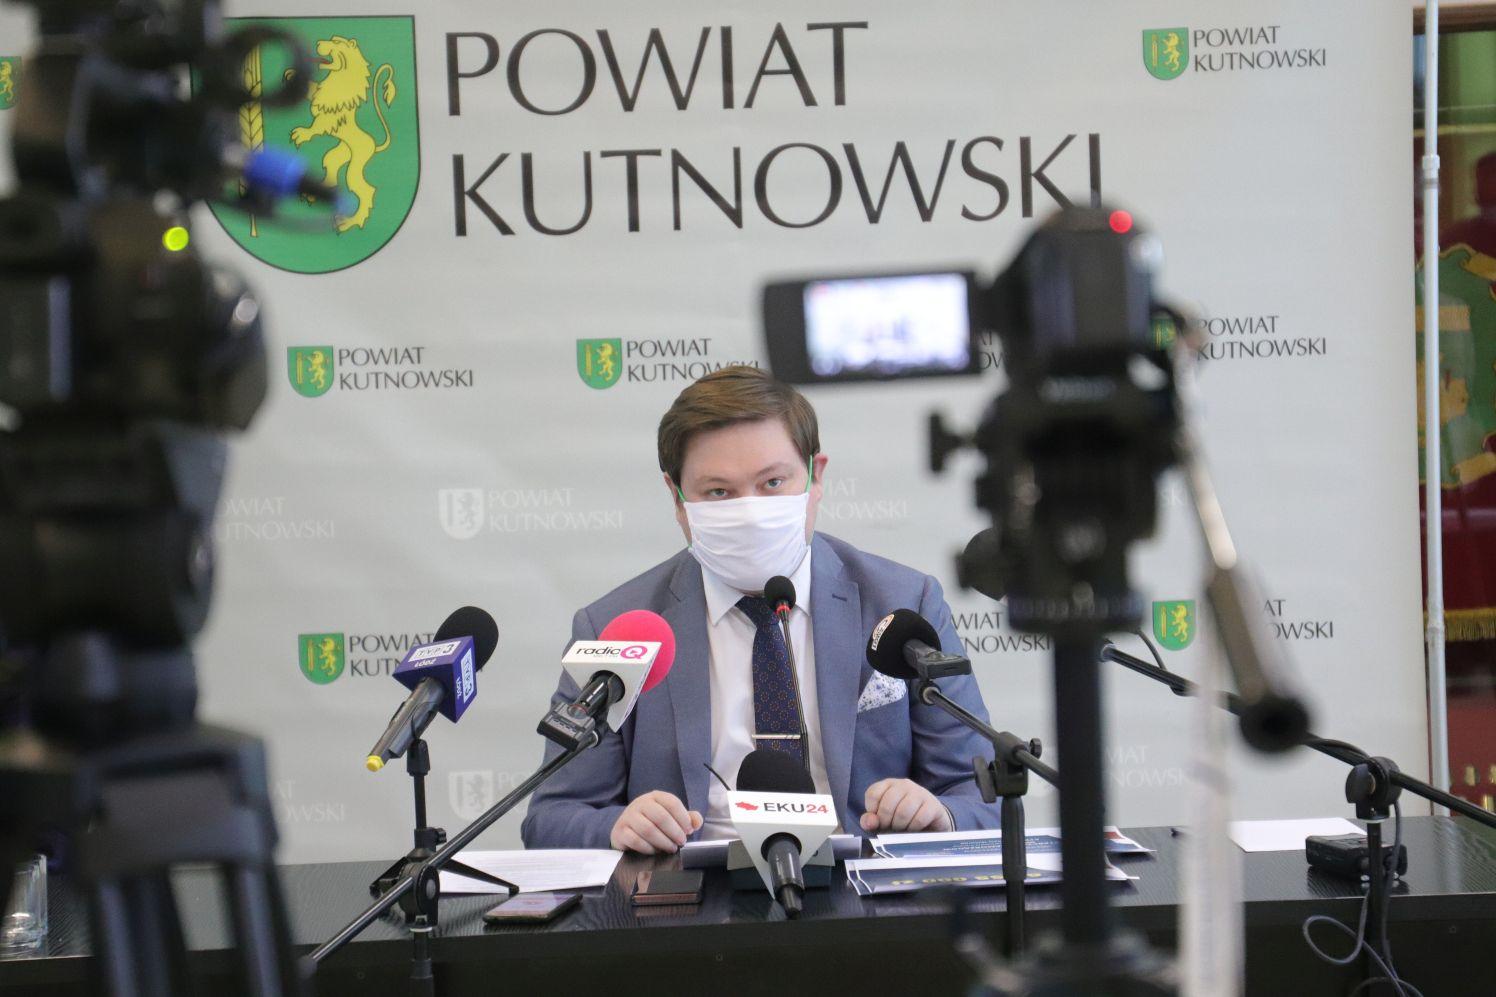 [ZDJĘCIA] Miliony złotych wędrują do powiatu kutnowskiego. Władze komentują - Zdjęcie główne